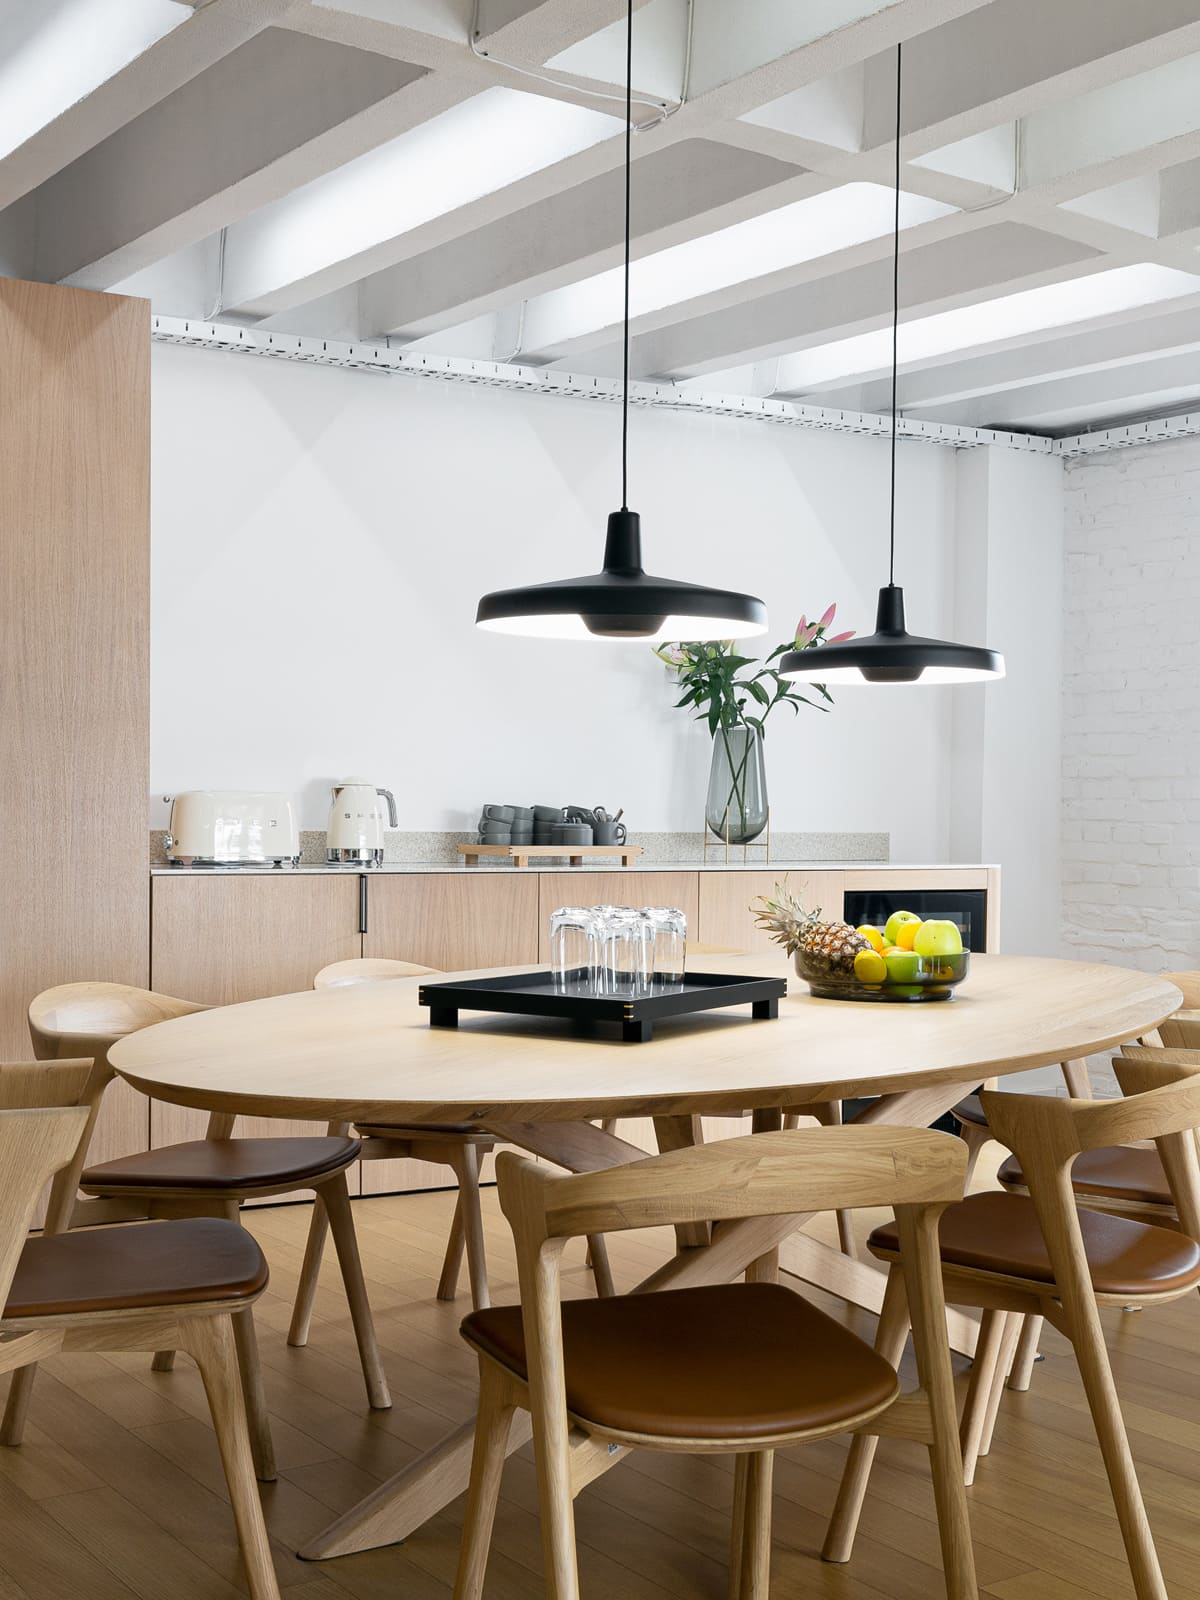 Arigato Pendelleuchte groß Lampen von Grupa Products DesignOrt